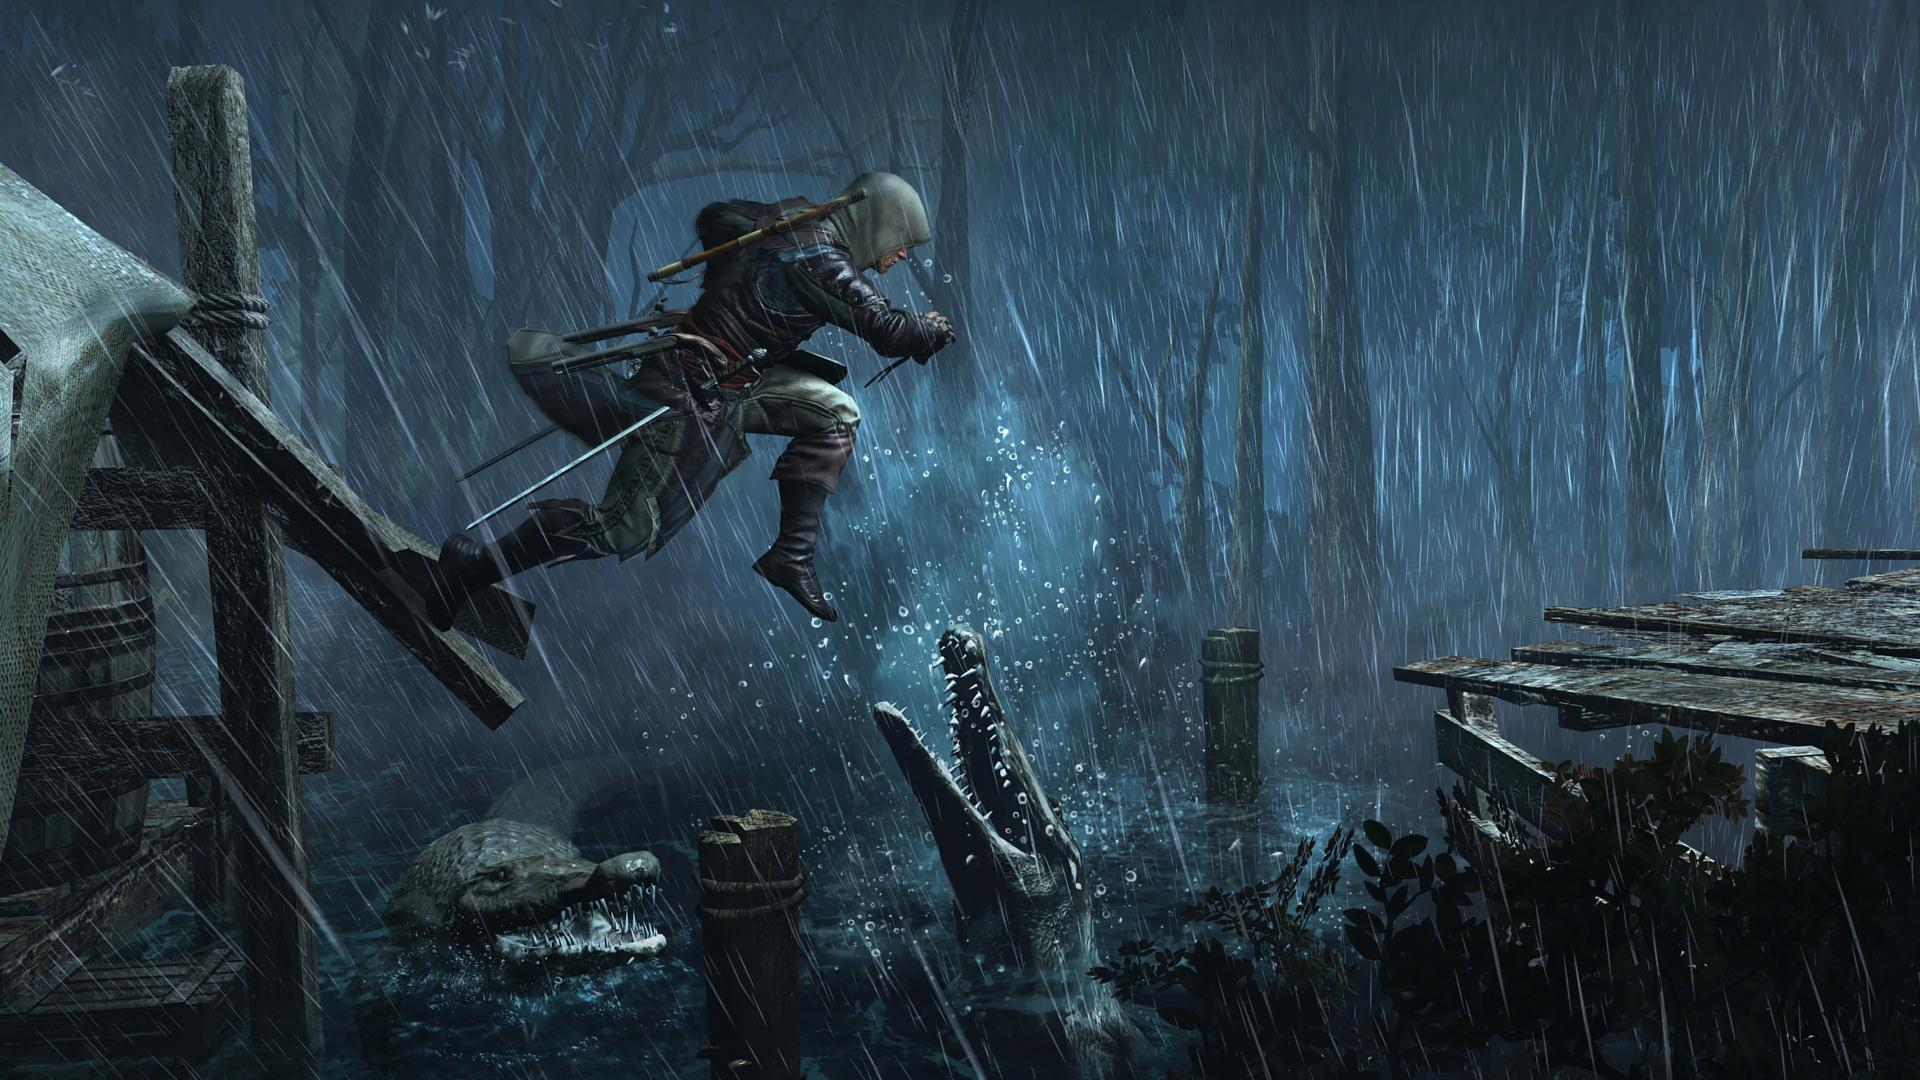 Assassin S Creed Iv Risky Jump Minitokyo